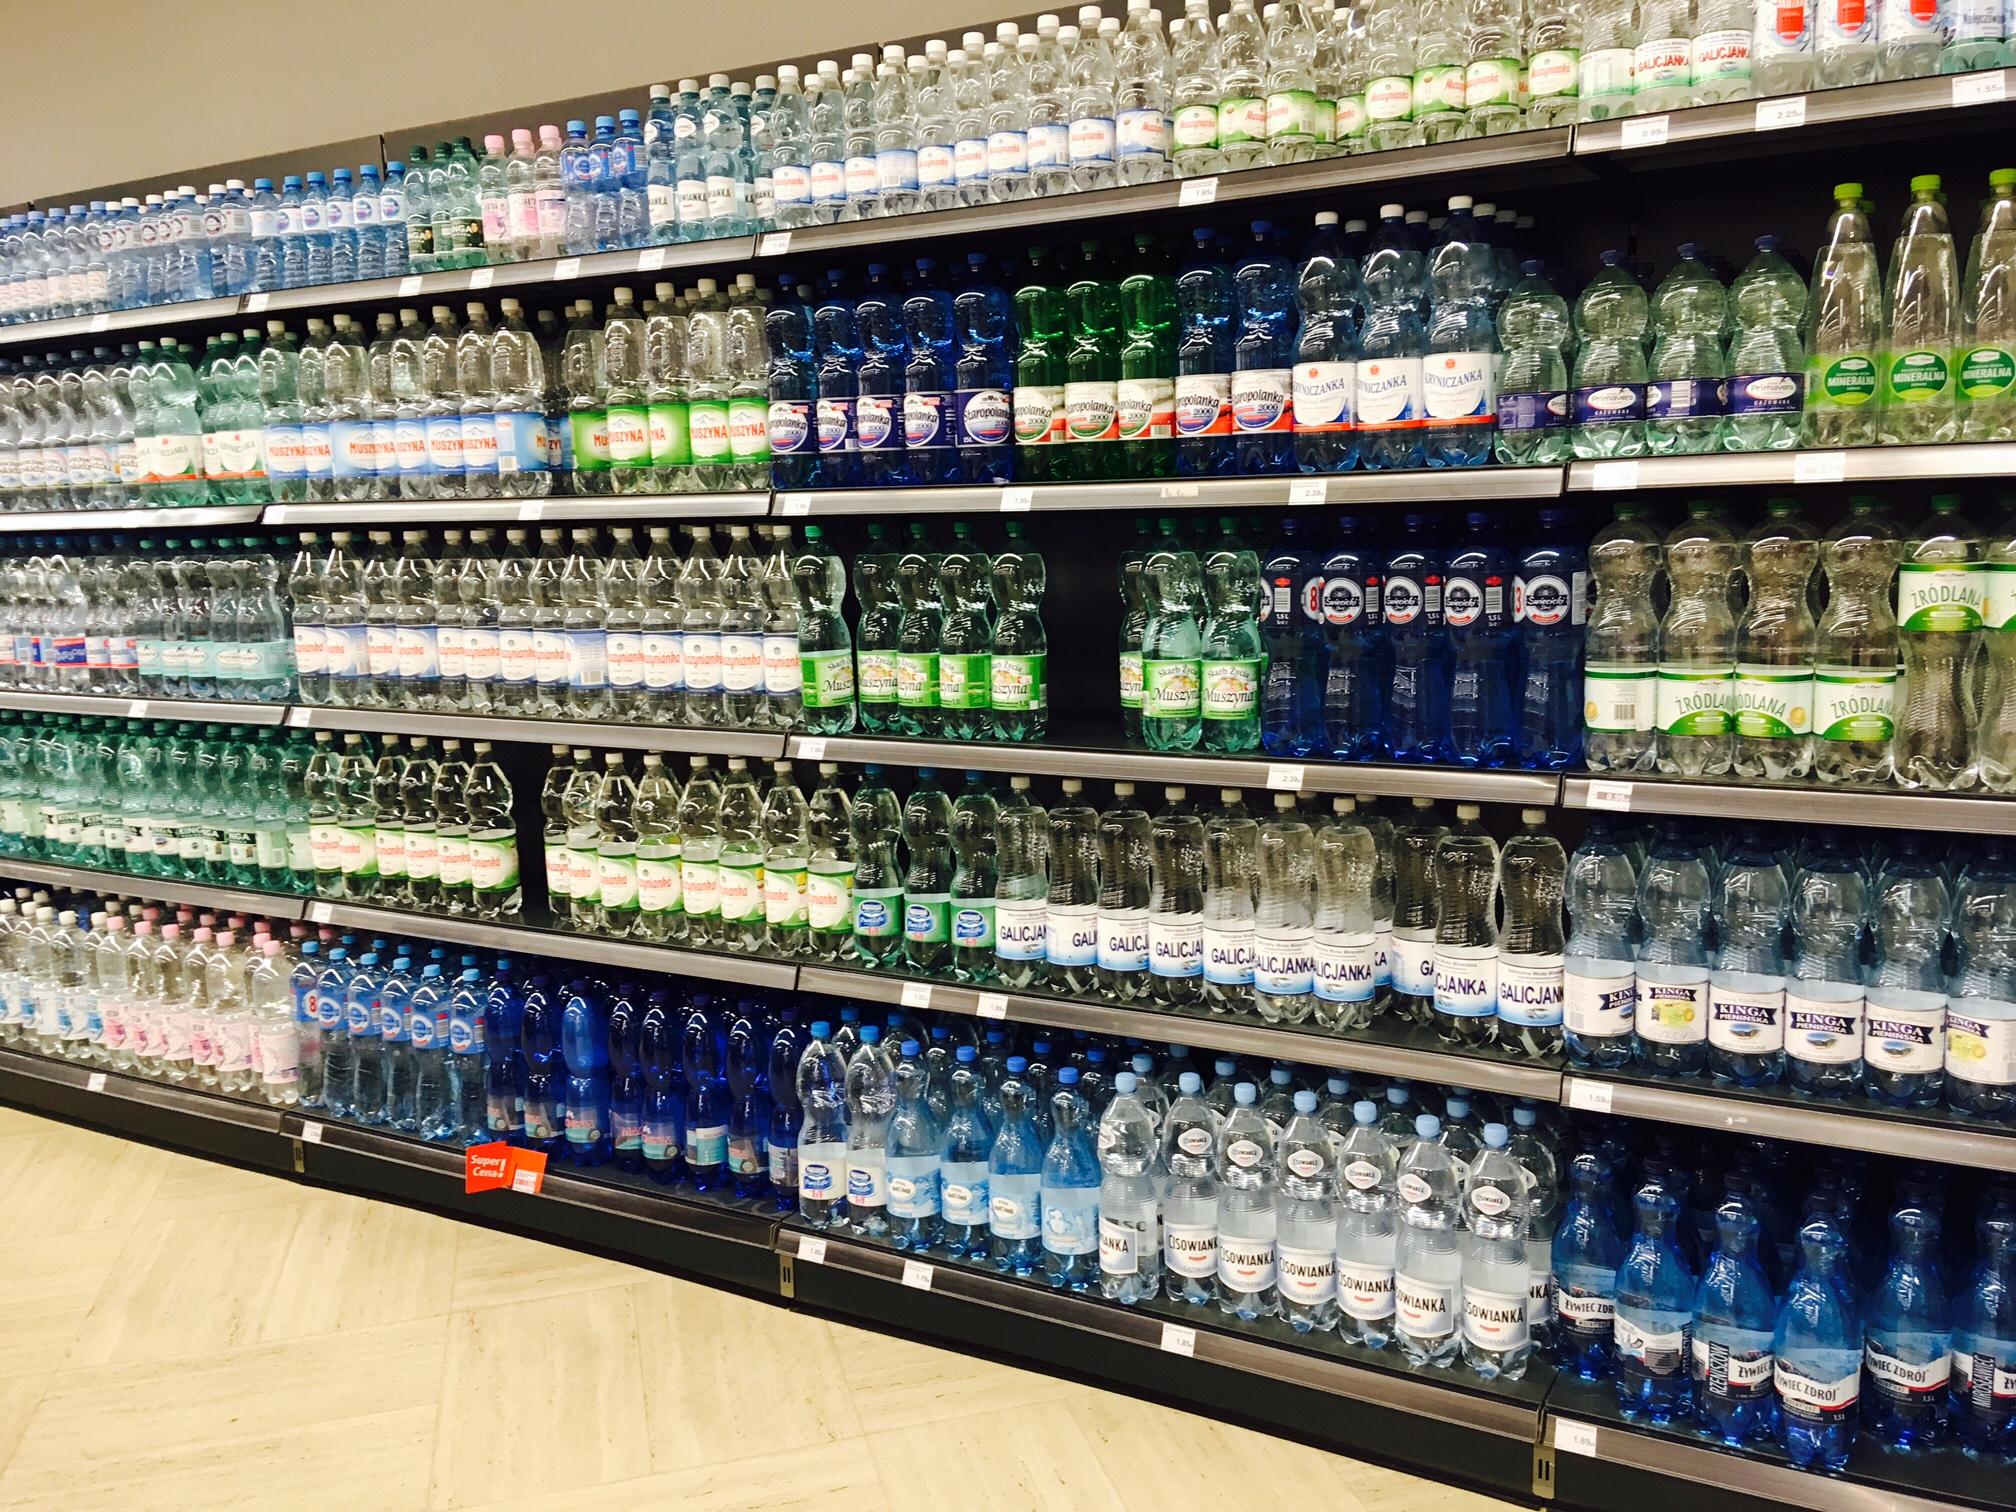 ポーランドスーパーマケットで買える 水の種類